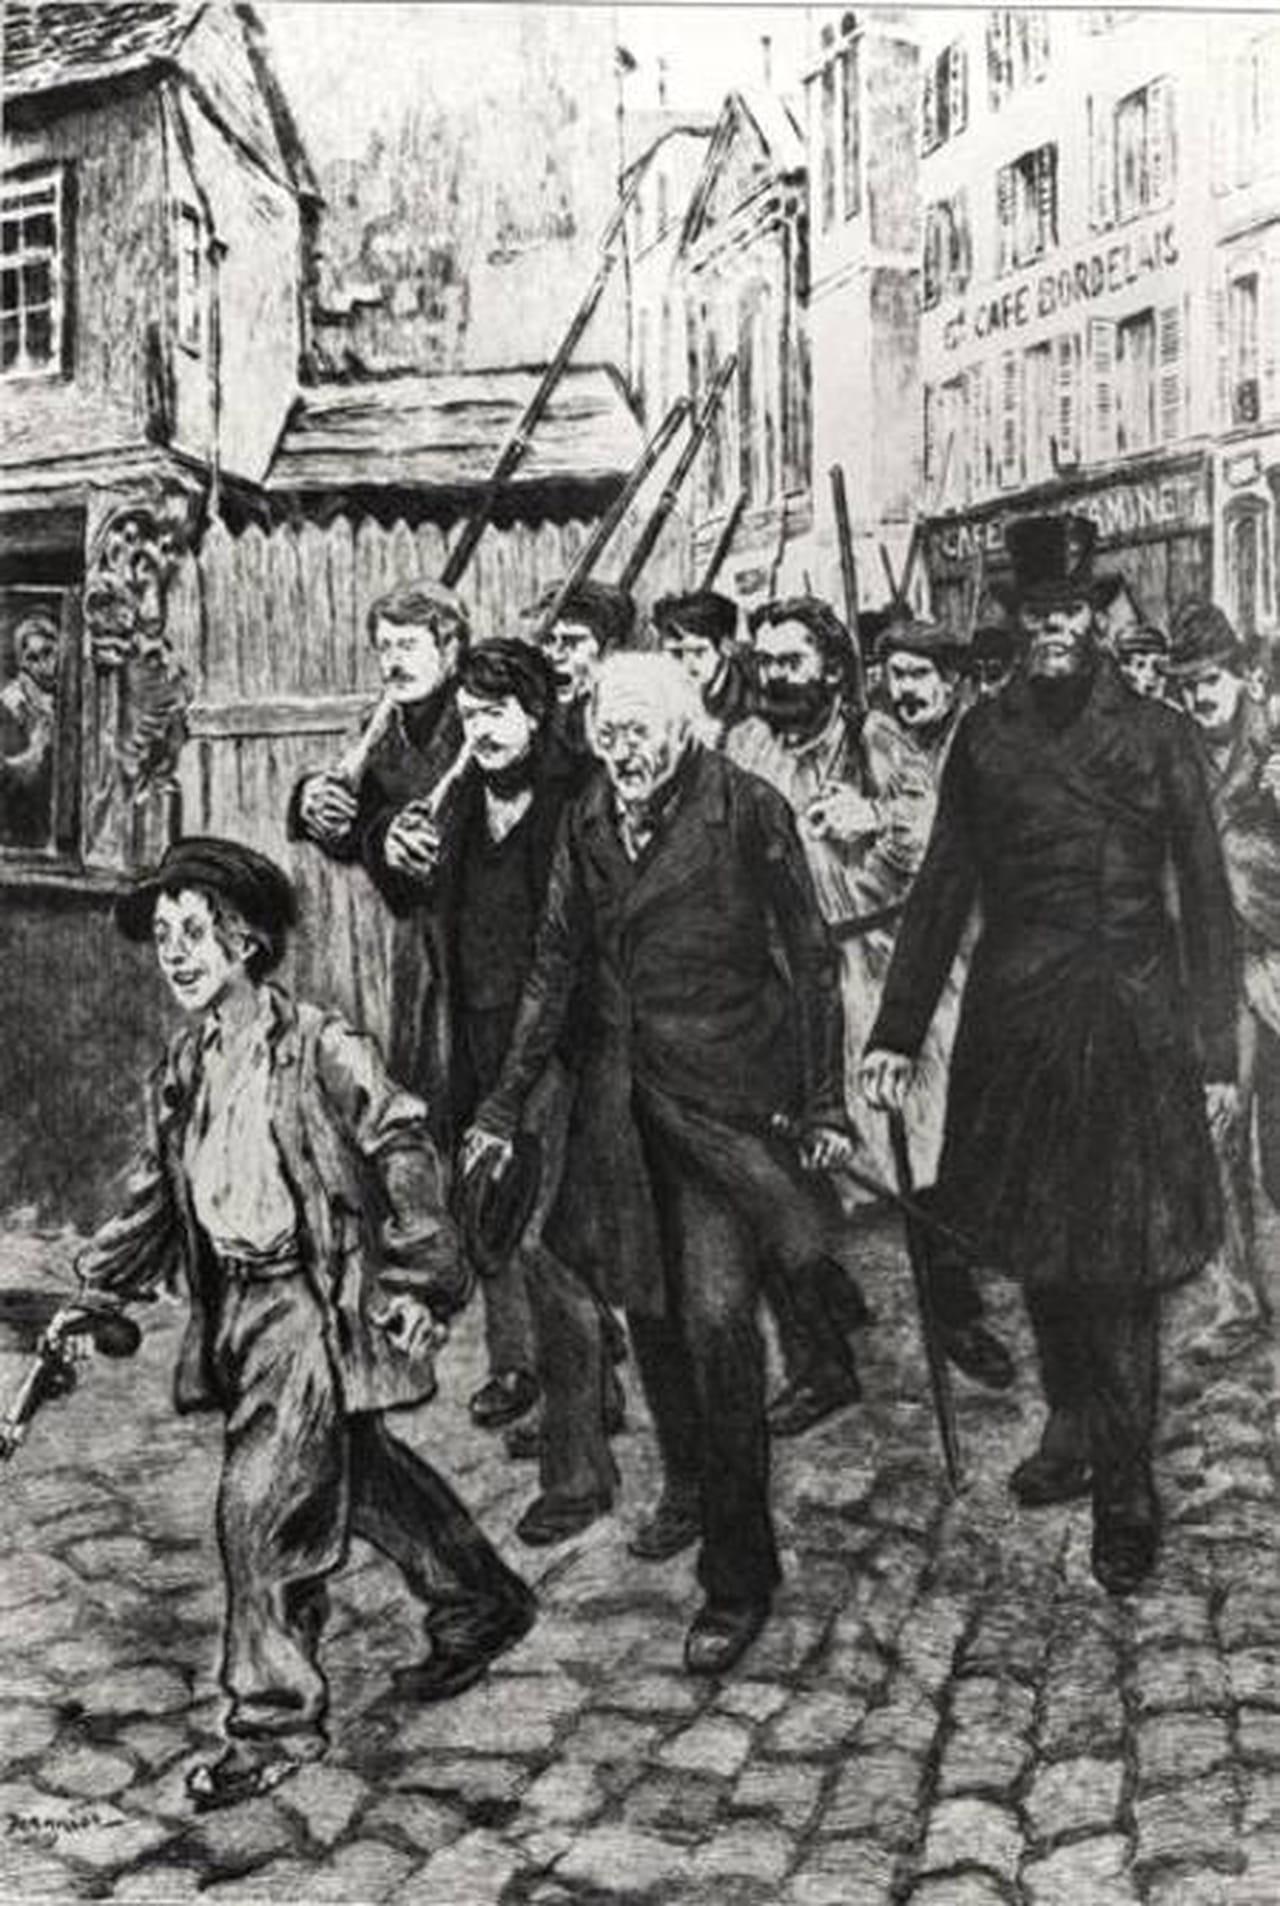 Les Misérables, de Victor Hugo : Résumé